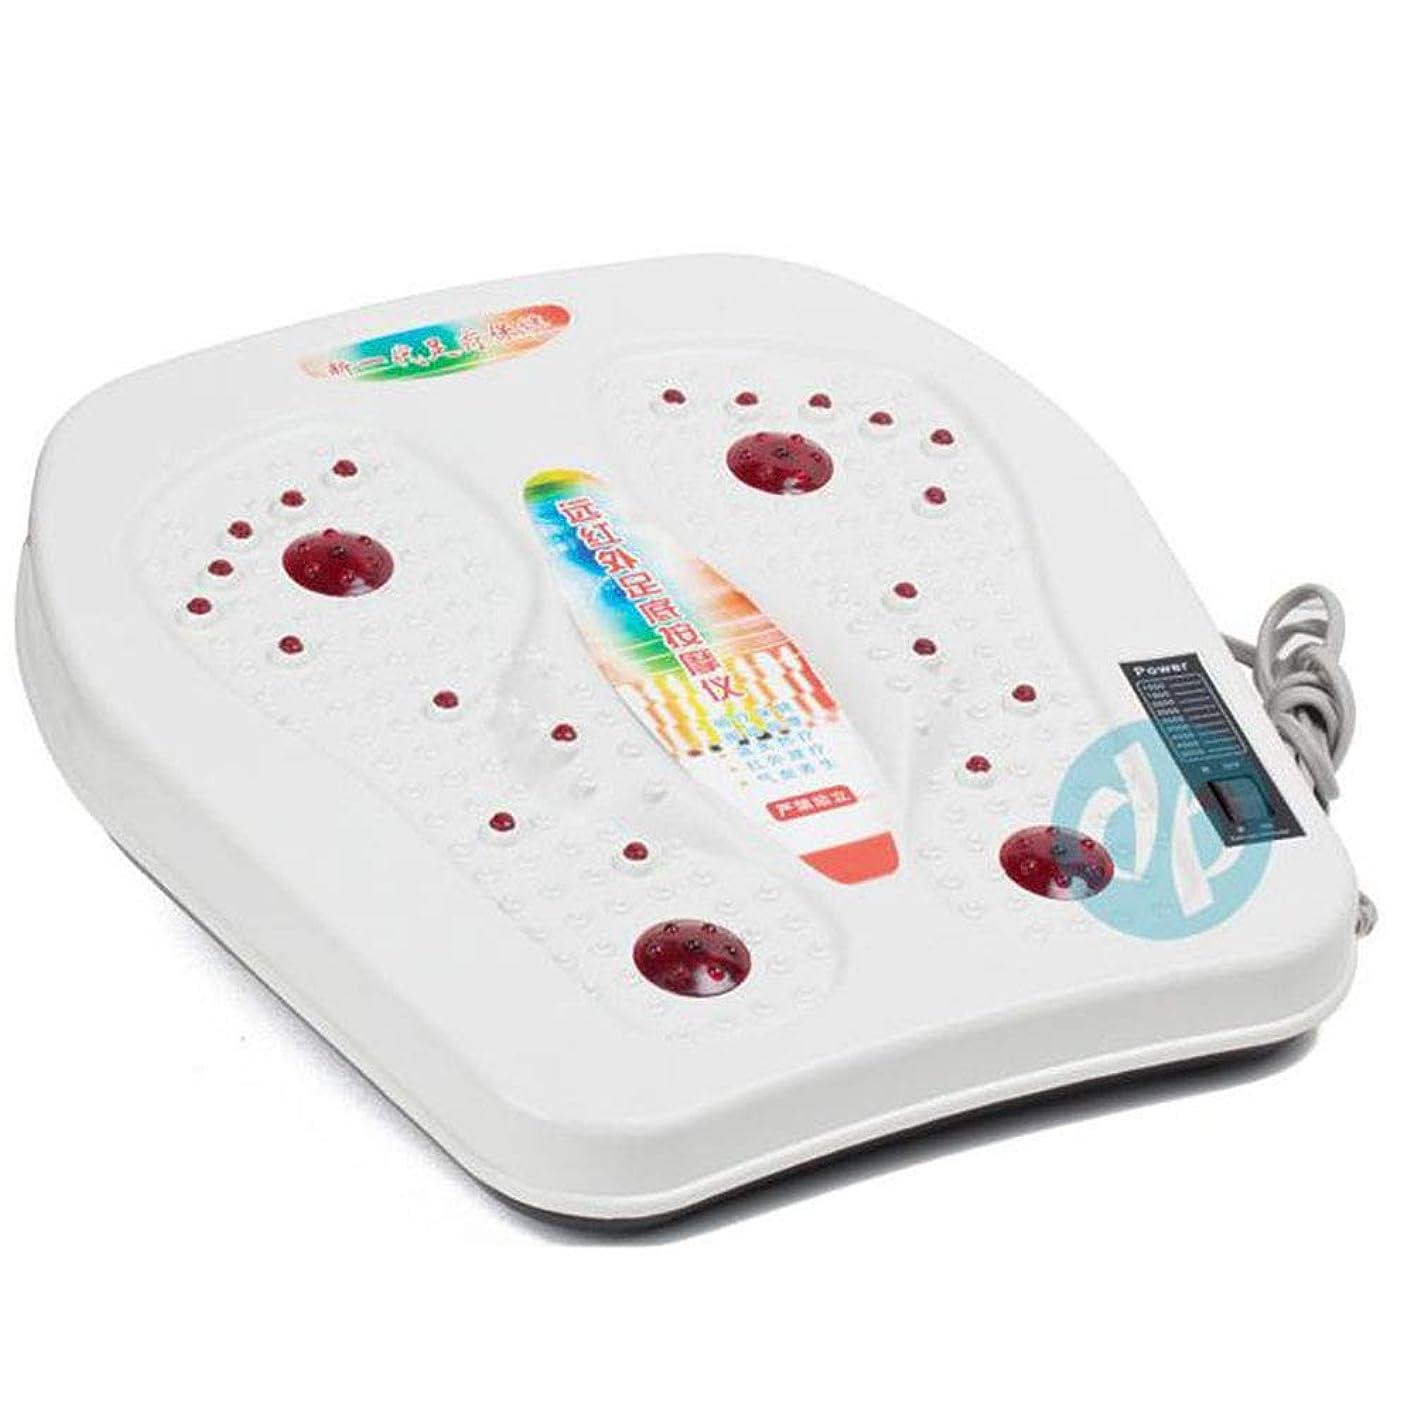 再現する天国コイル調整可能 電磁足のマッサージャーは、血液循環を改善し、痛みや痛み、赤外線理学療法を和らげるのに役立ちます。 リラックス, white